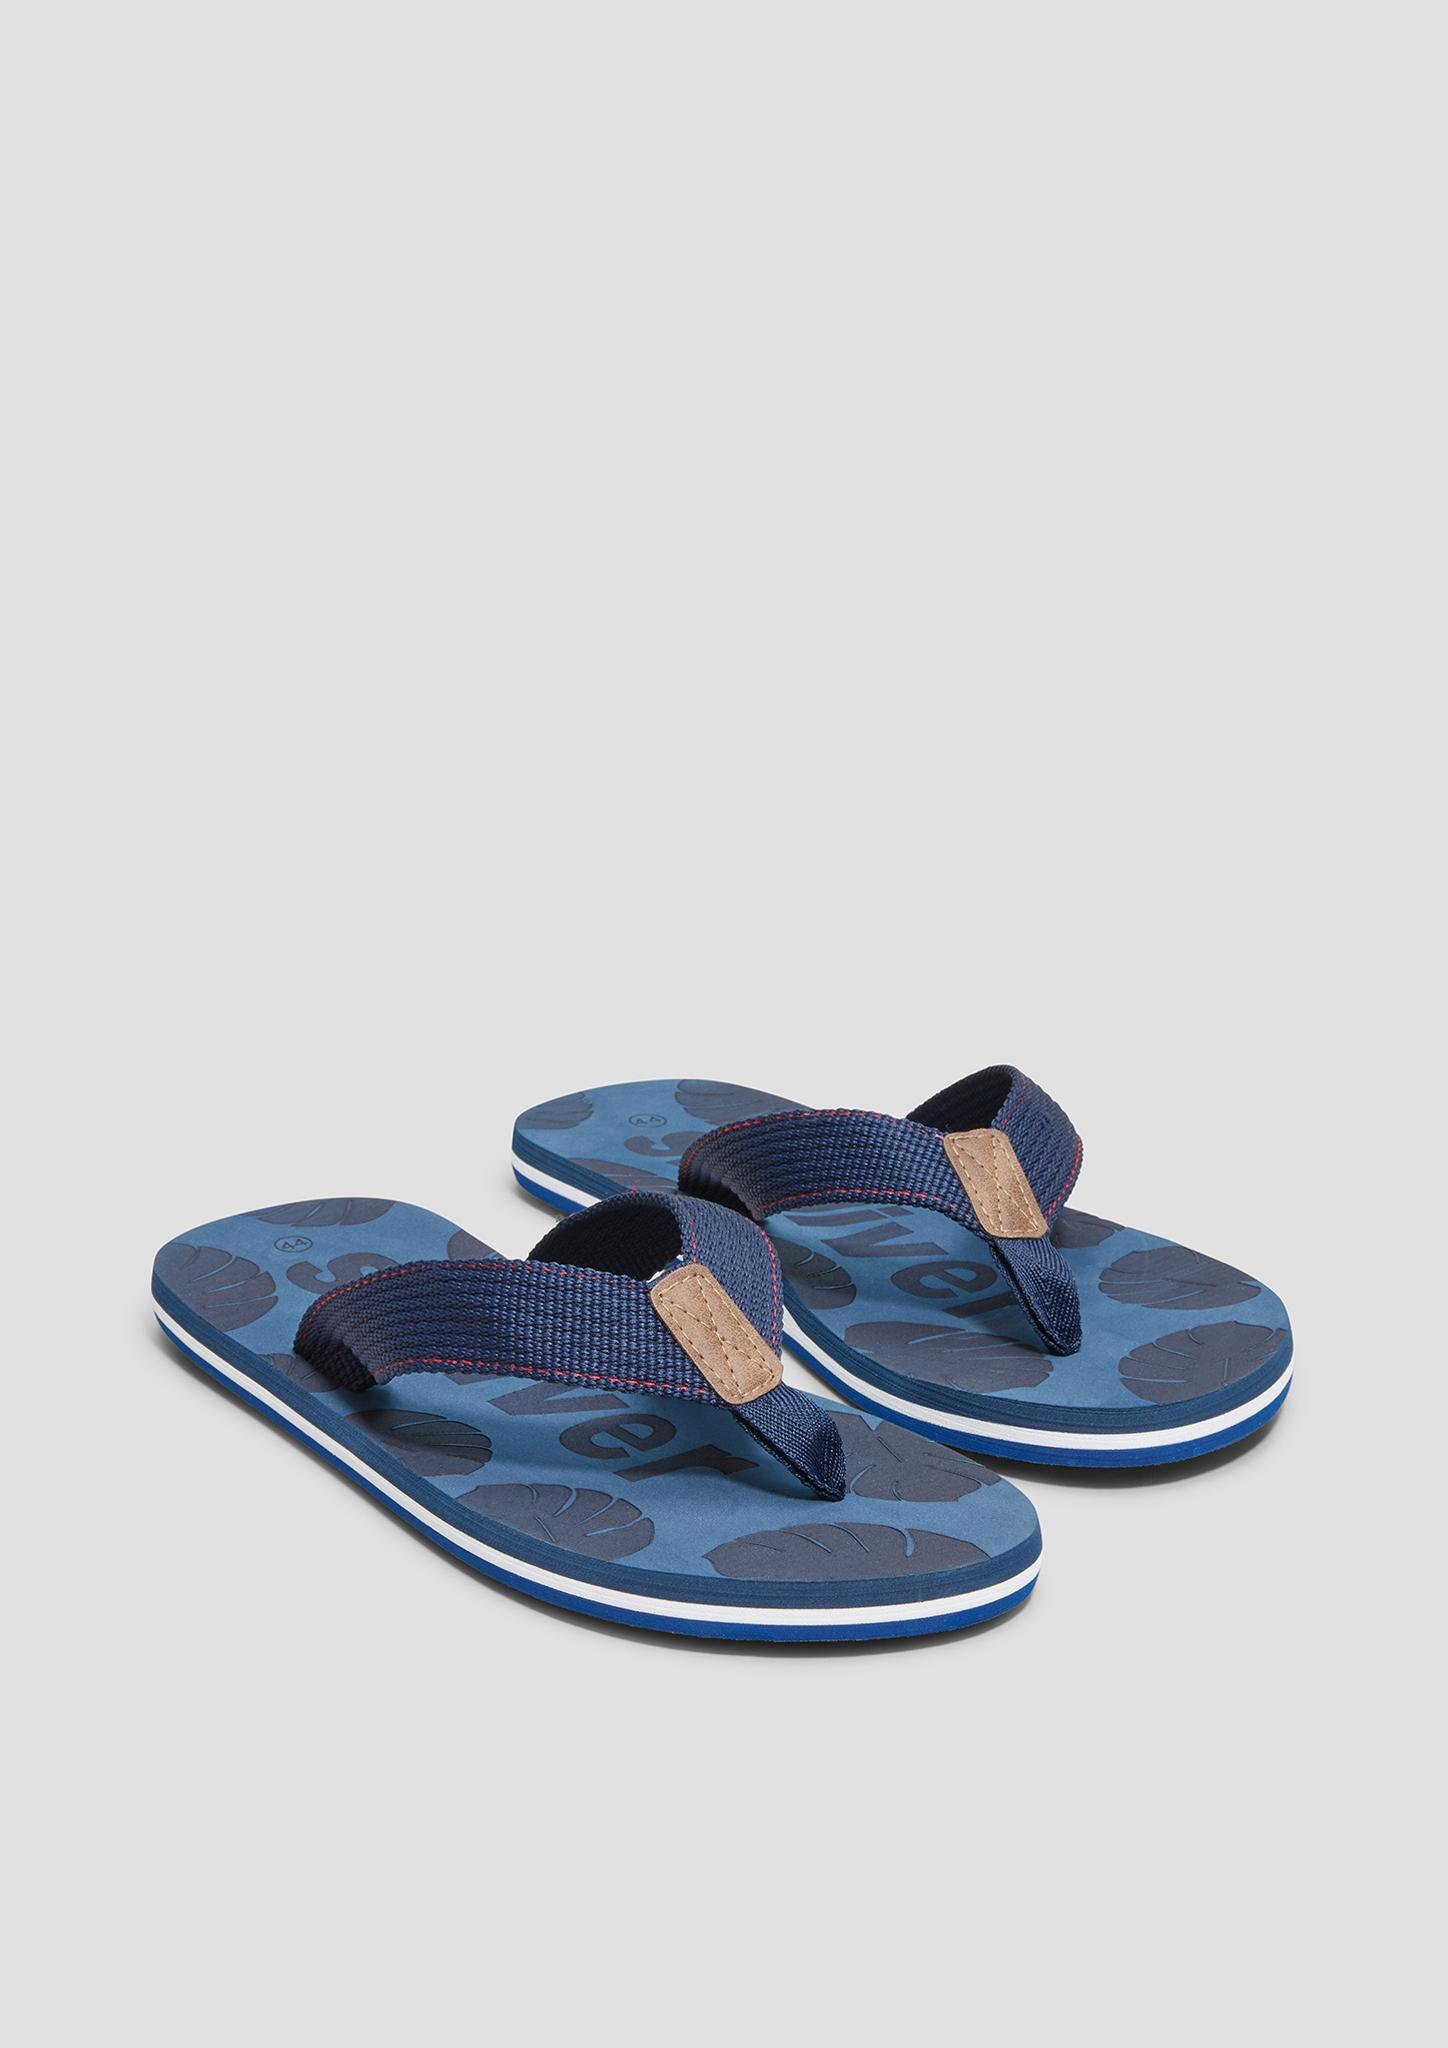 Pantoletten | Schuhe > Clogs & Pantoletten > Pantoletten | Blau | Obermaterial: materialmix aus textil und synthetik| futter: textil| decksohle: synthetik| laufsohle: synthetik | s.Oliver